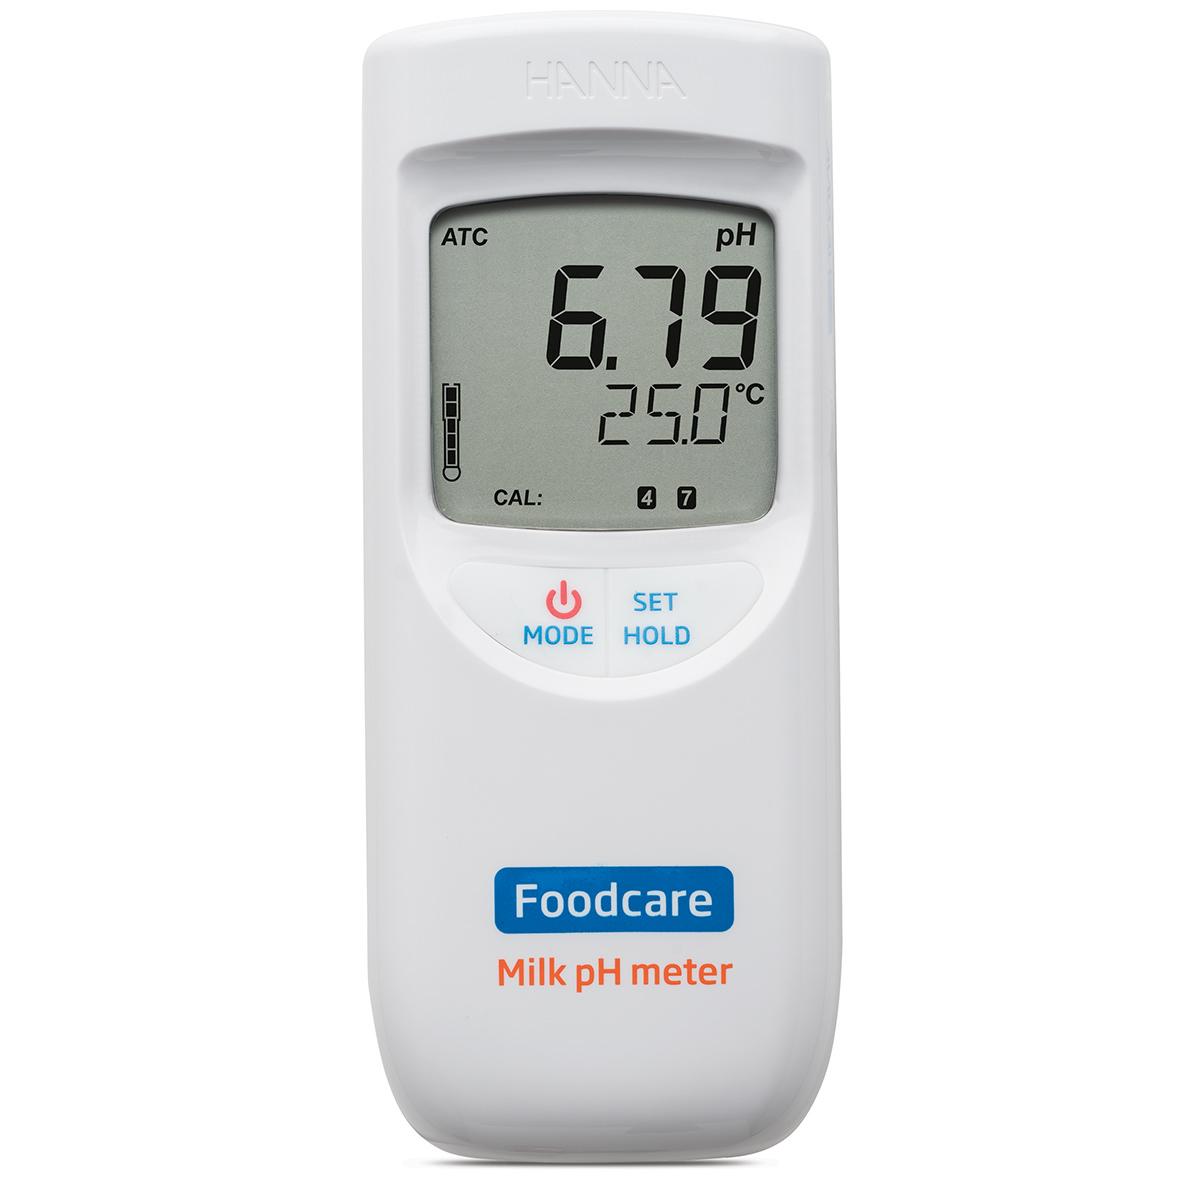 Medidor de pH Portátil para Leche - HI99162